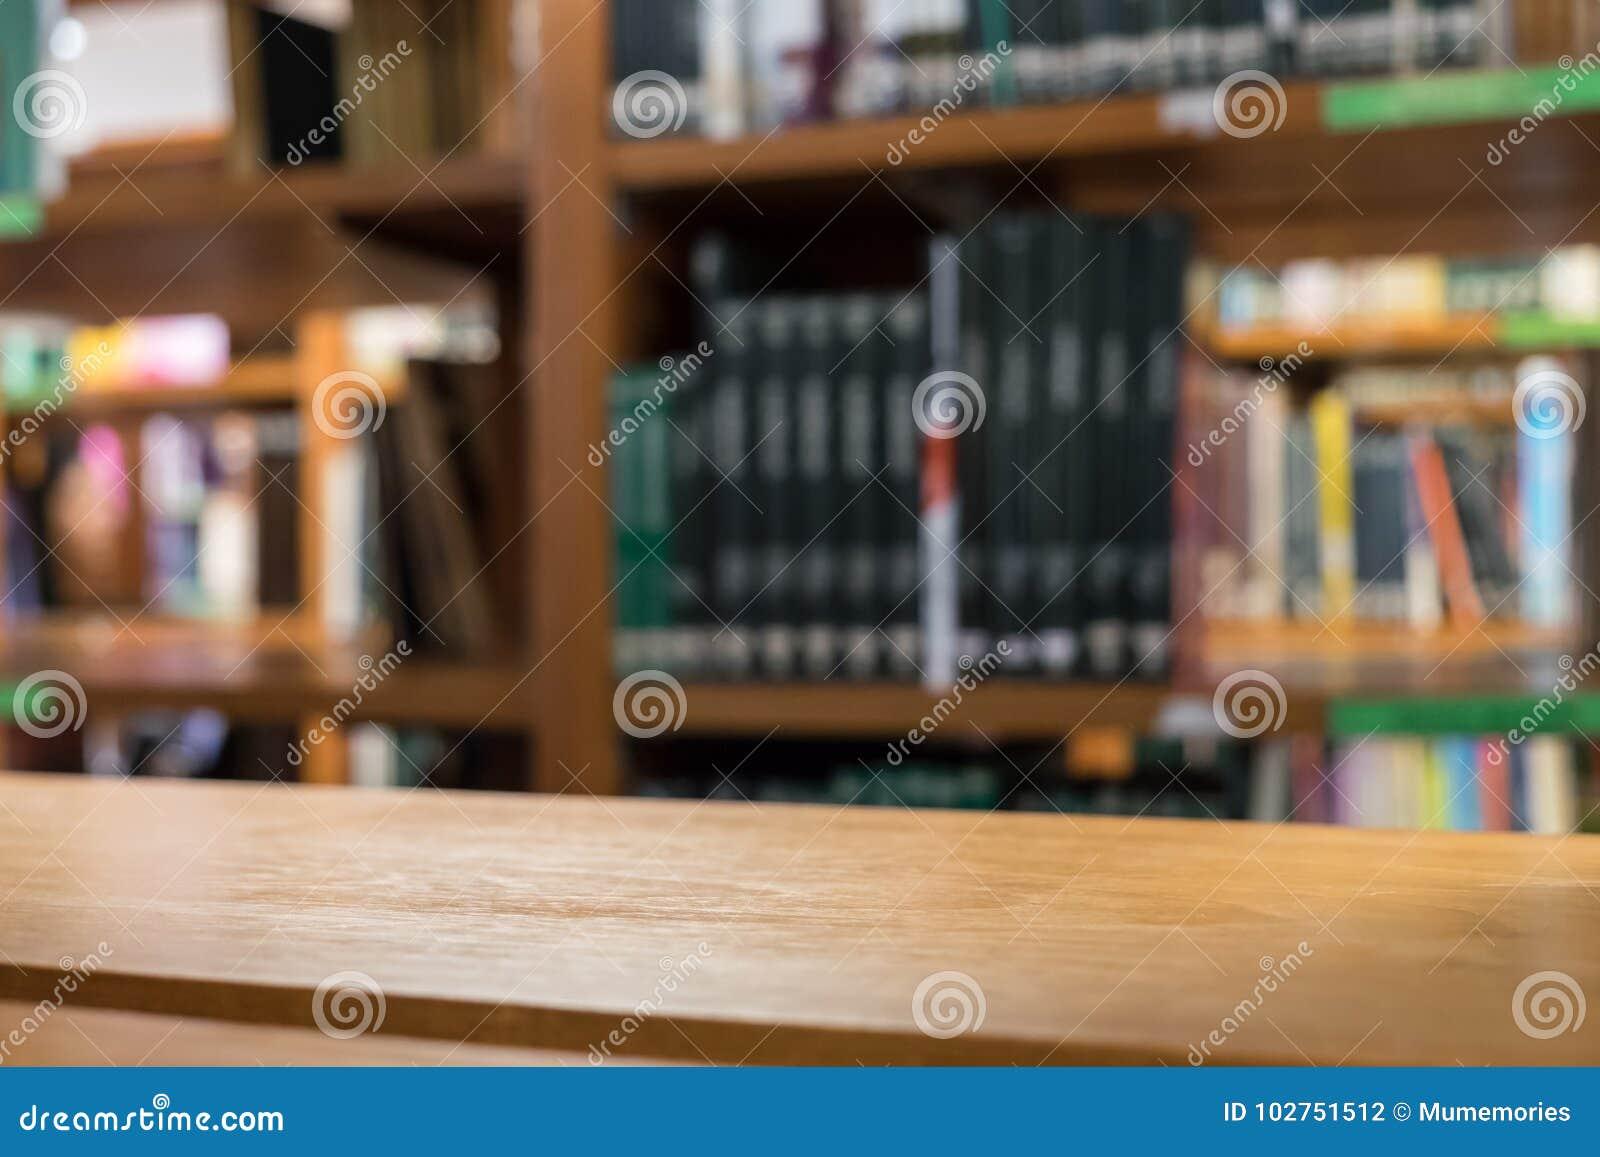 Ράφια ξύλινα πολλά είδος βιβλίων που συσσωρεύεται στο ξύλινο ράφι